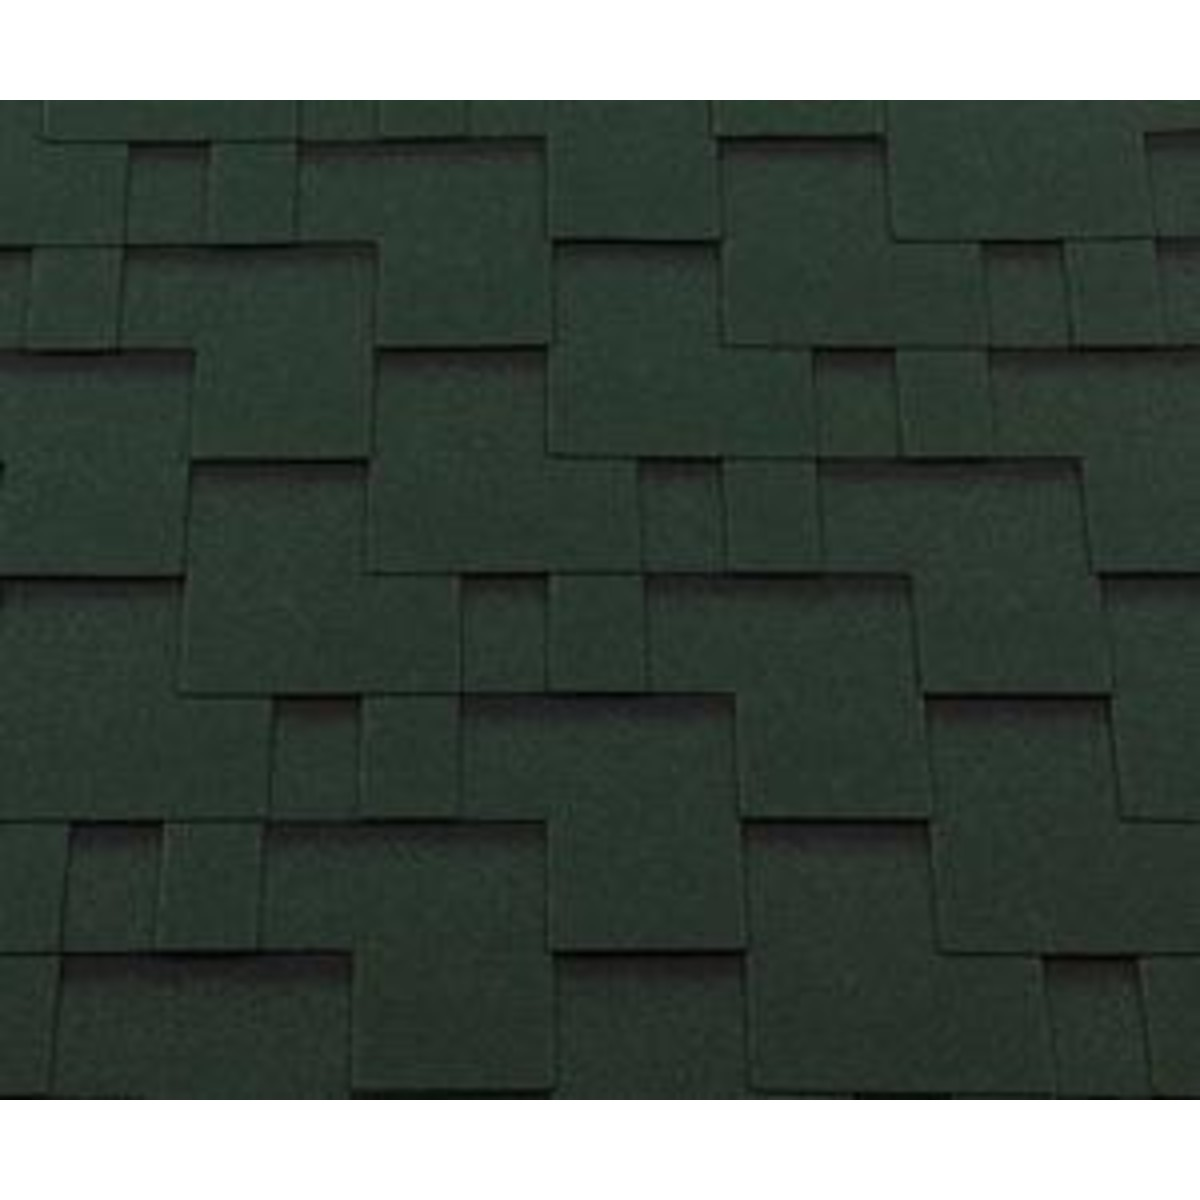 Черепица гибкая Roofshield модерн зеленый 3 м²